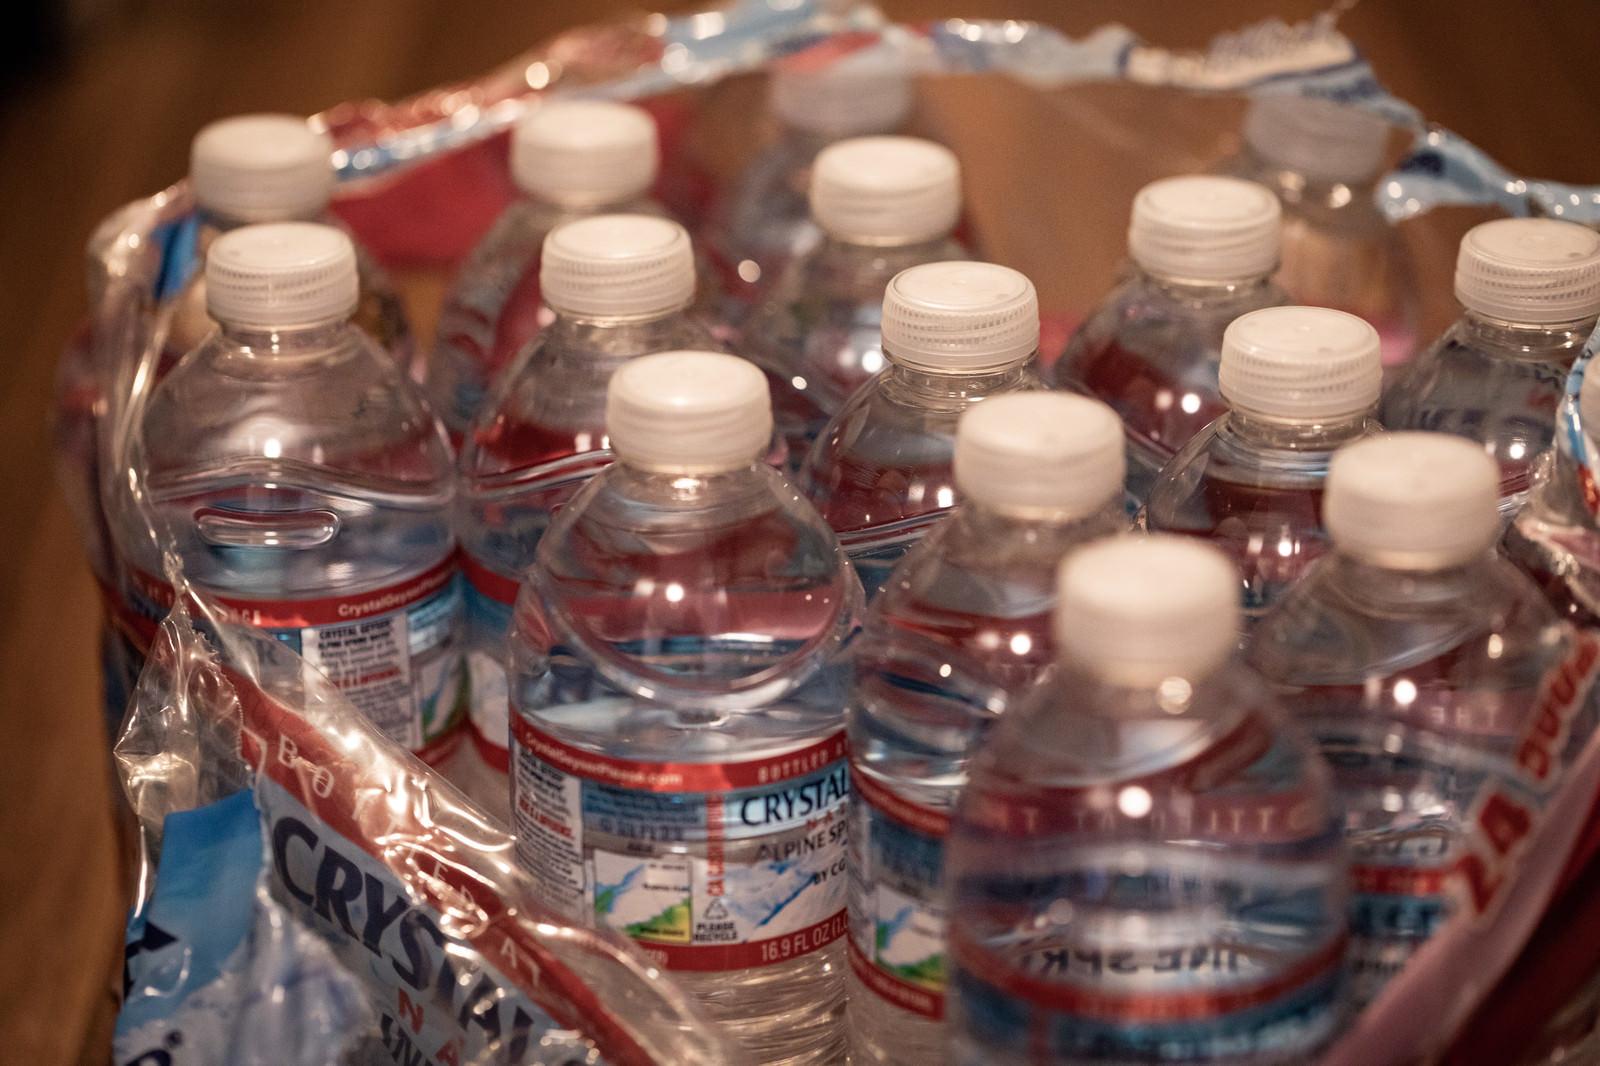 「備えていた大量の飲料水を開封備えていた大量の飲料水を開封」のフリー写真素材を拡大